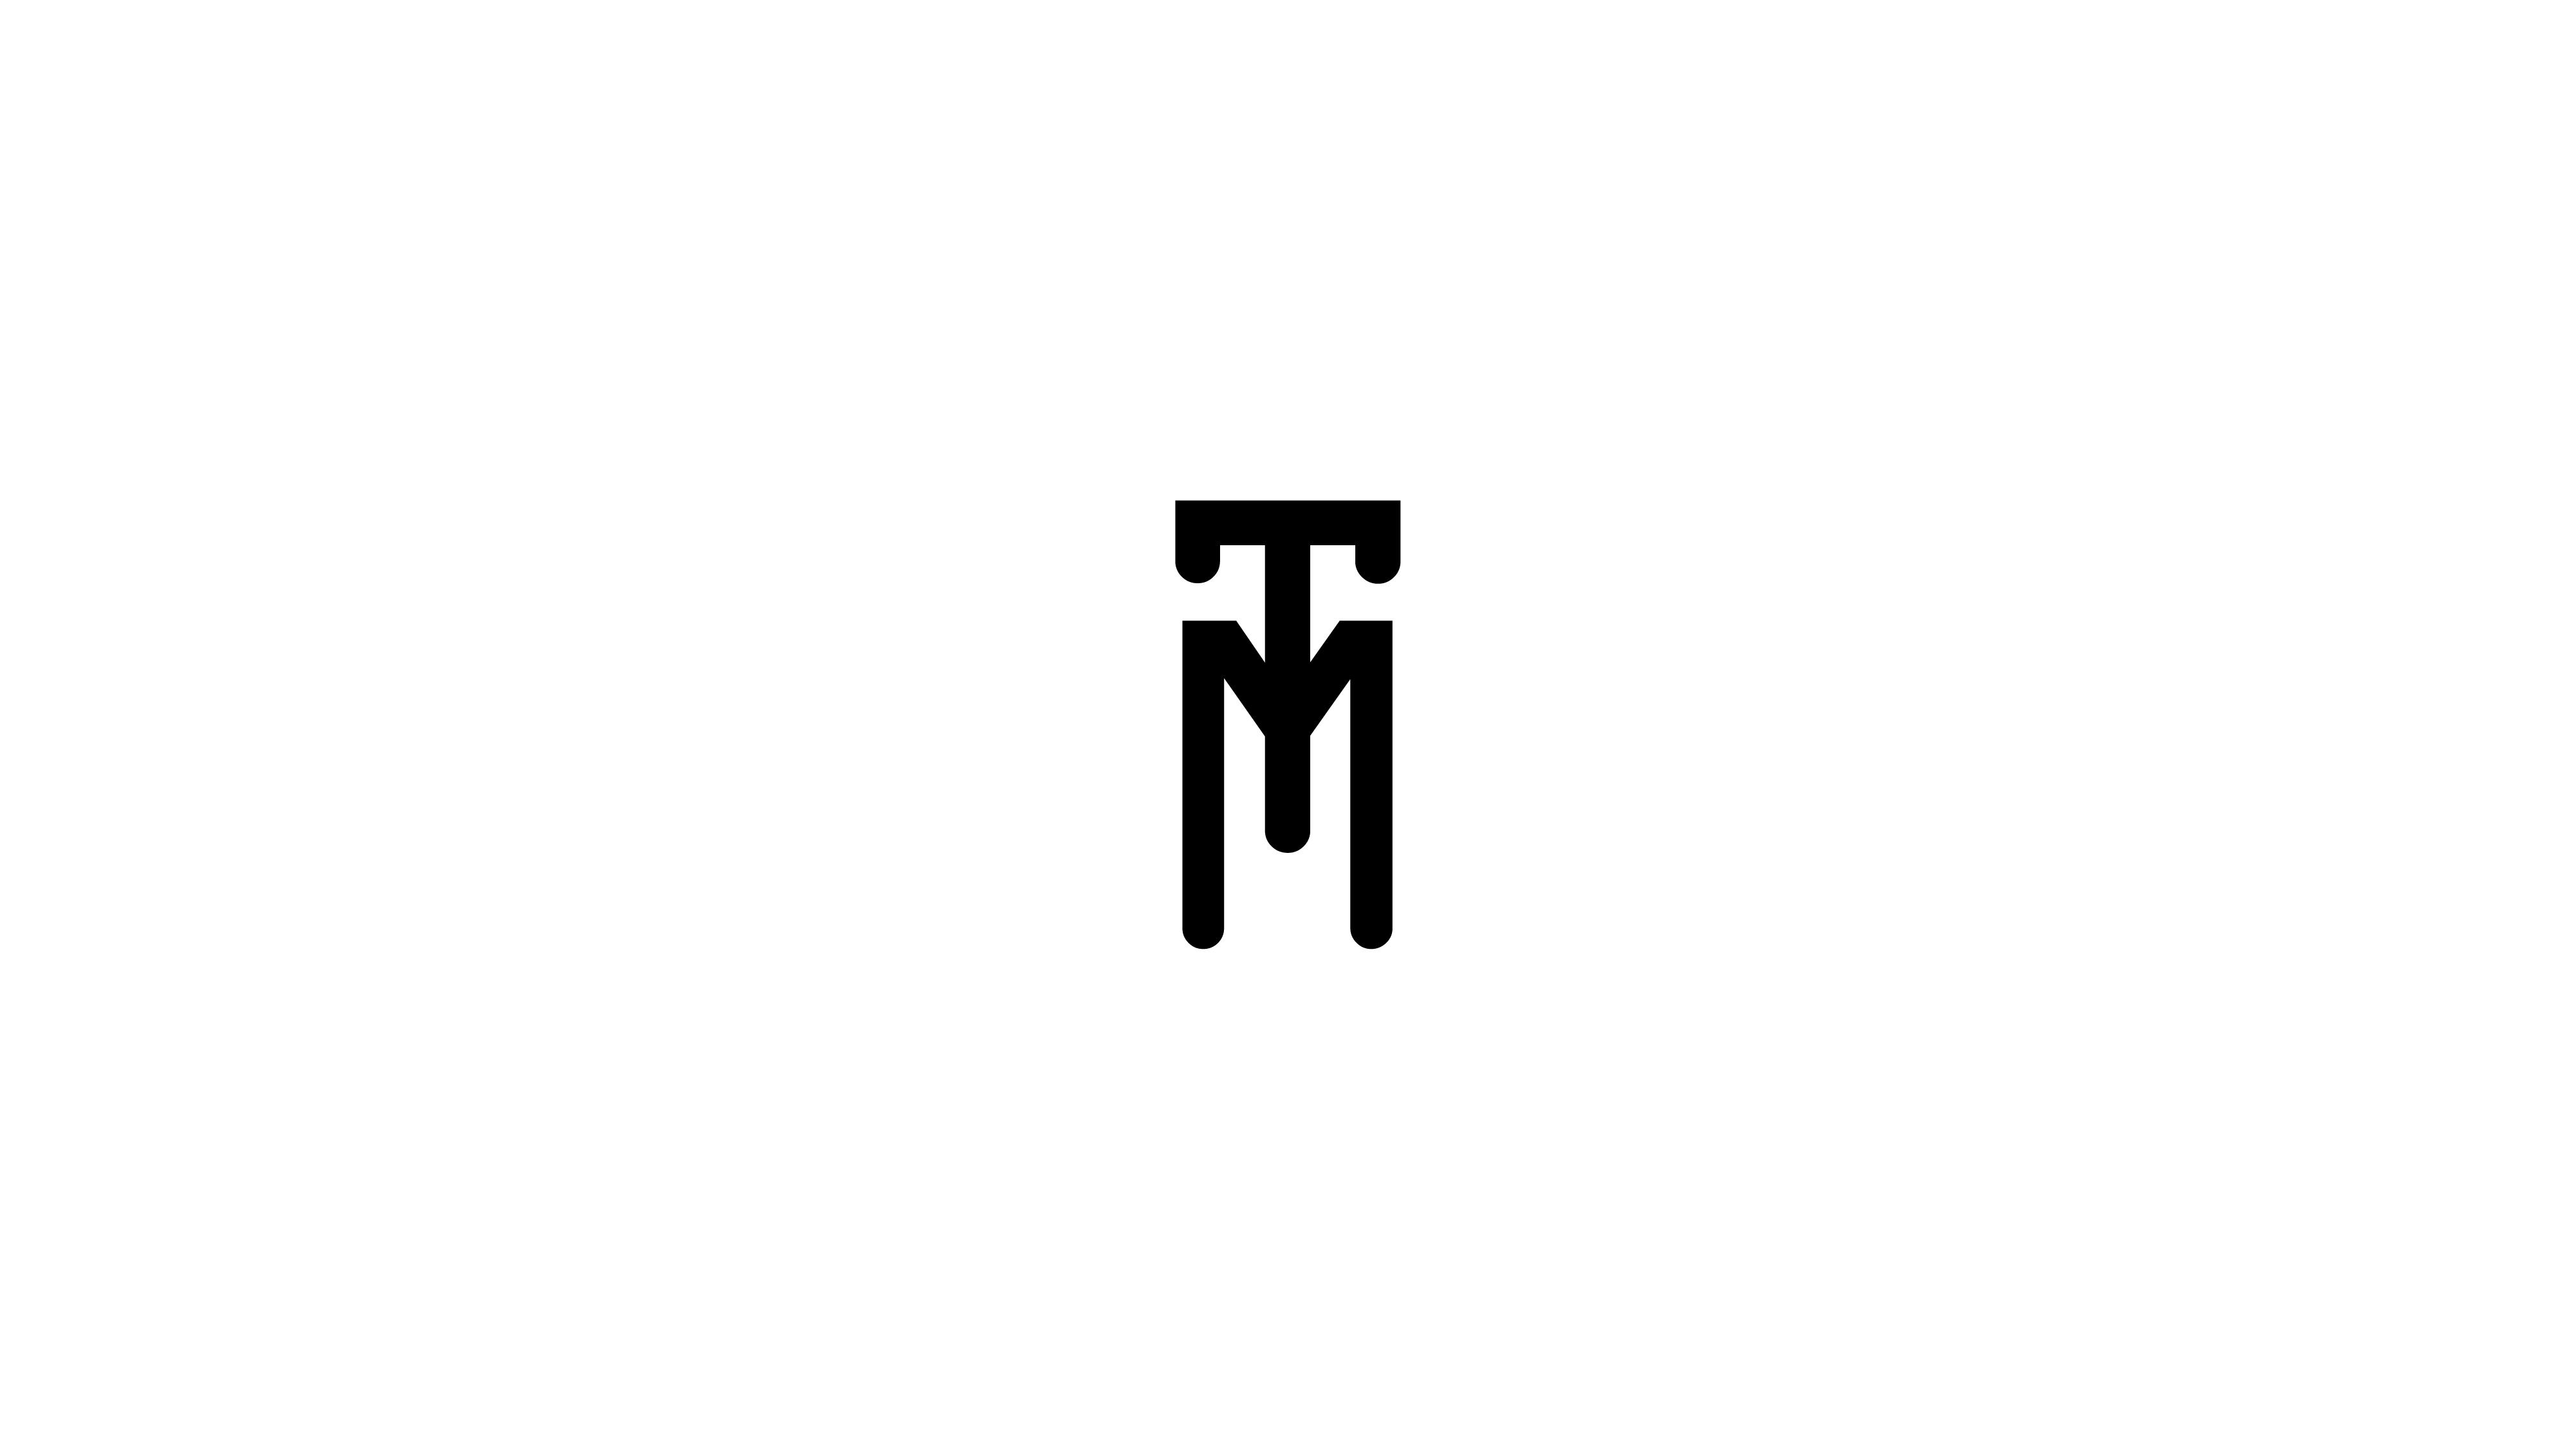 Редизайн логотипа магазина тату оборудования TattooMarket.ru фото f_5785c47f41f068c2.png